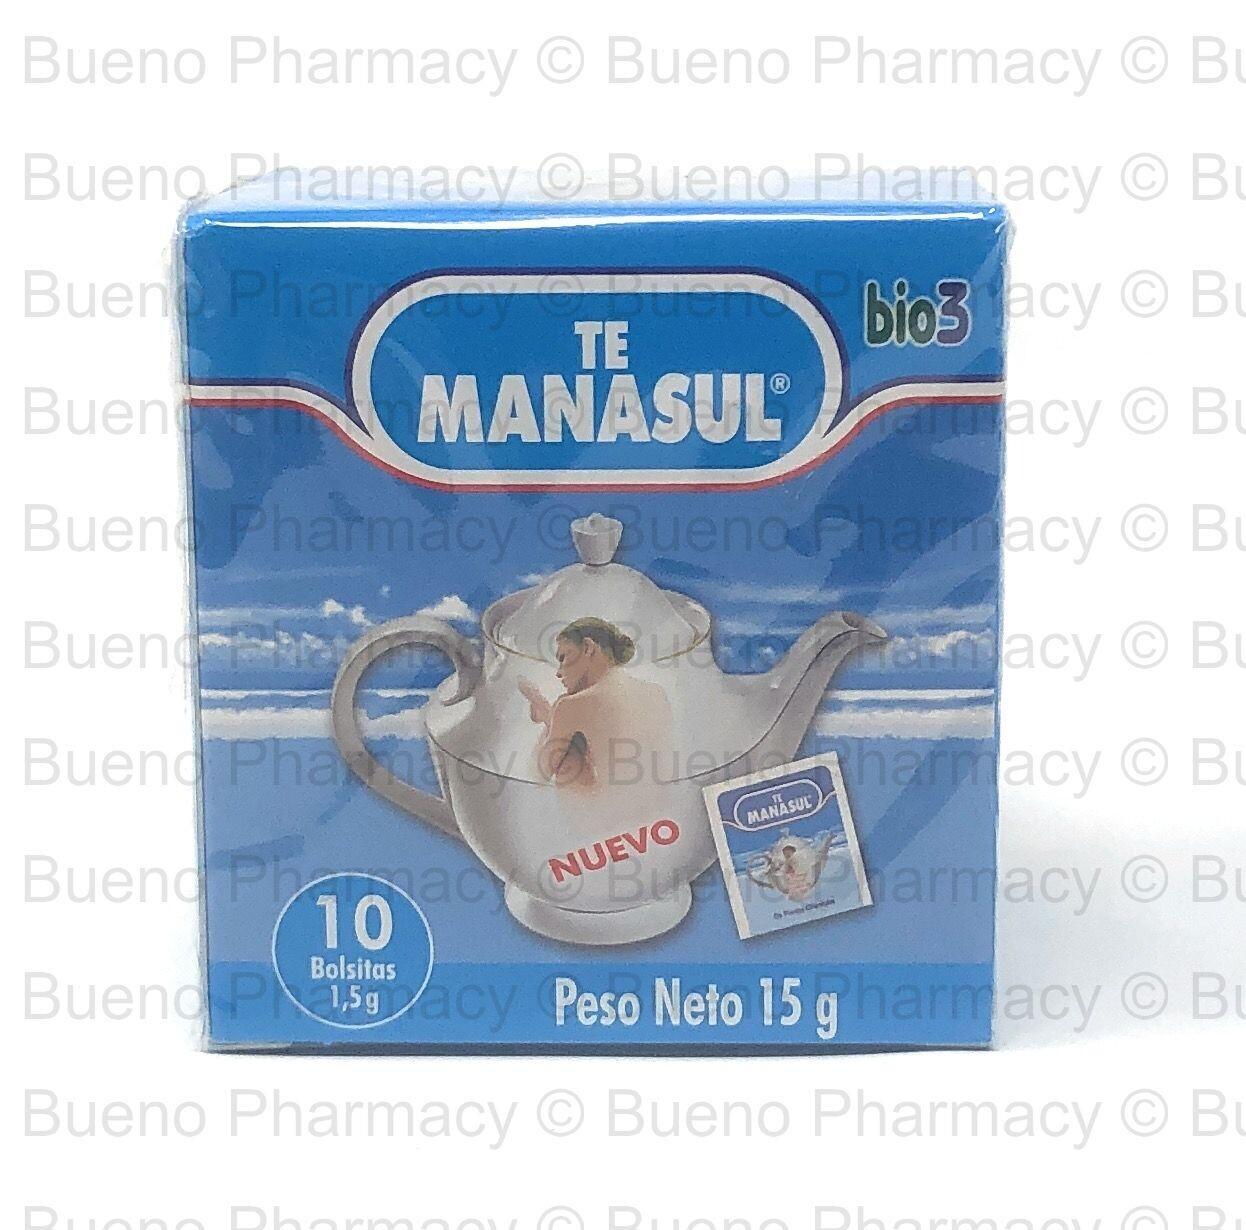 Te Manasul (10 Bolsas)